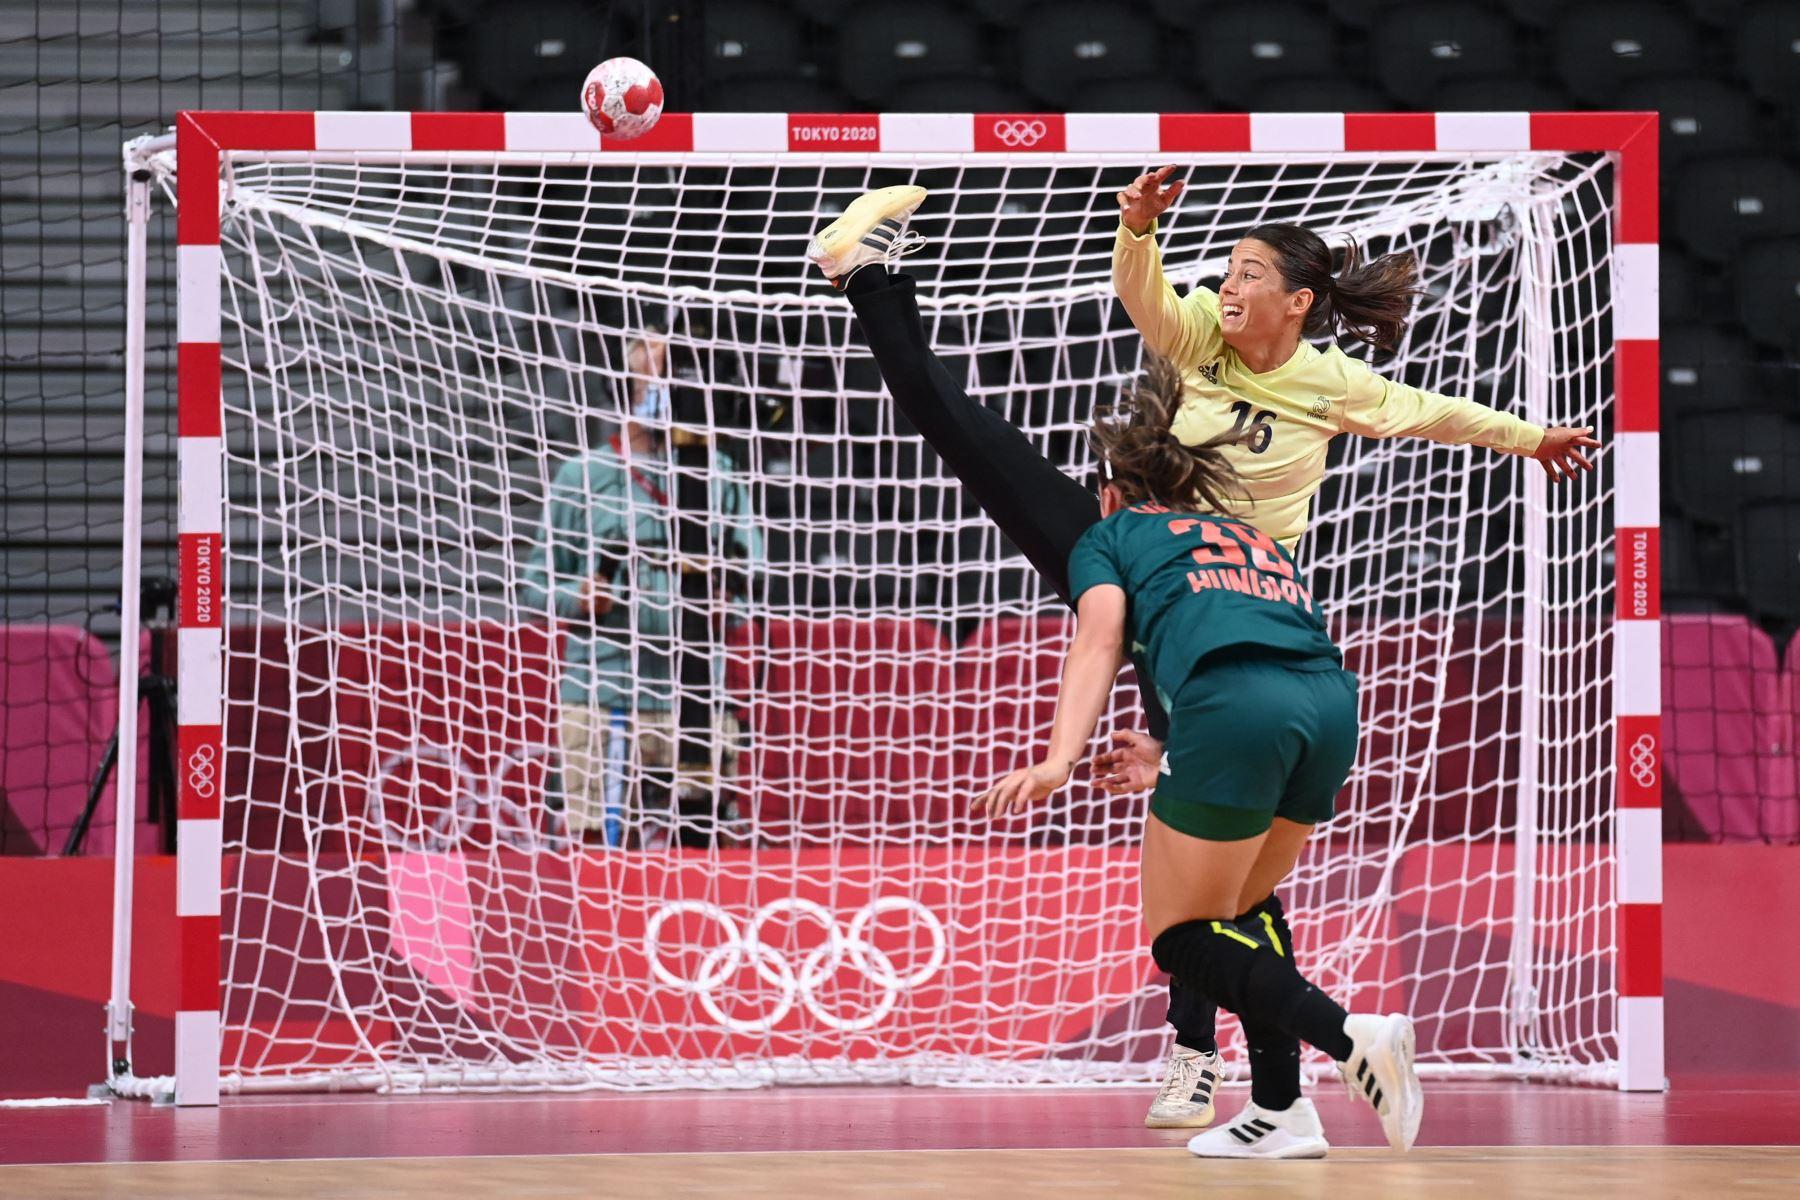 La portera francés Cleopatre Darleux no detiene un disparo de la defensa central de Hungría Petra Vamos durante el partido de balonmano del grupo B de la ronda preliminar femenina entre Hungría y Francia de los Juegos Olímpicos de Tokio 2020 en el Estadio Nacional Yoyogi en Tokio. Foto: AFP